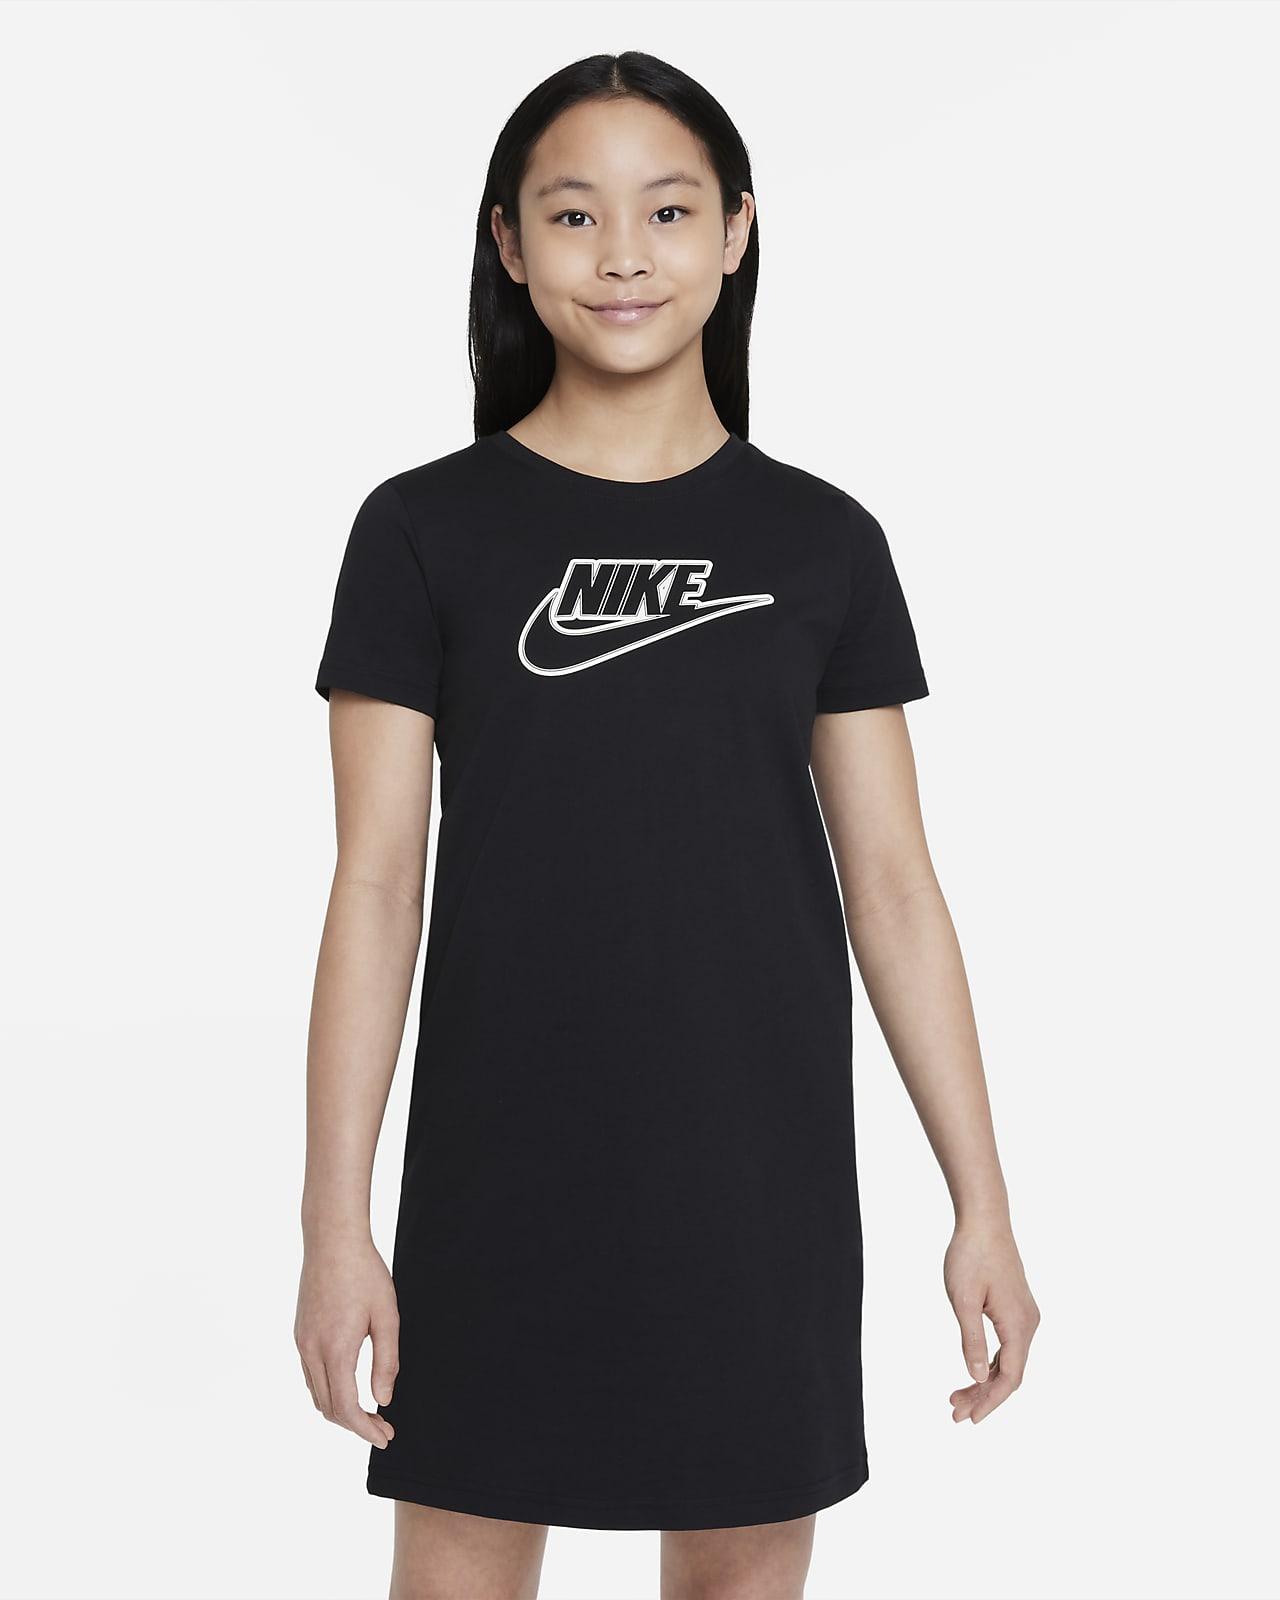 เดรสเสื้อยืดเด็กโต Nike Sportswear (หญิง)